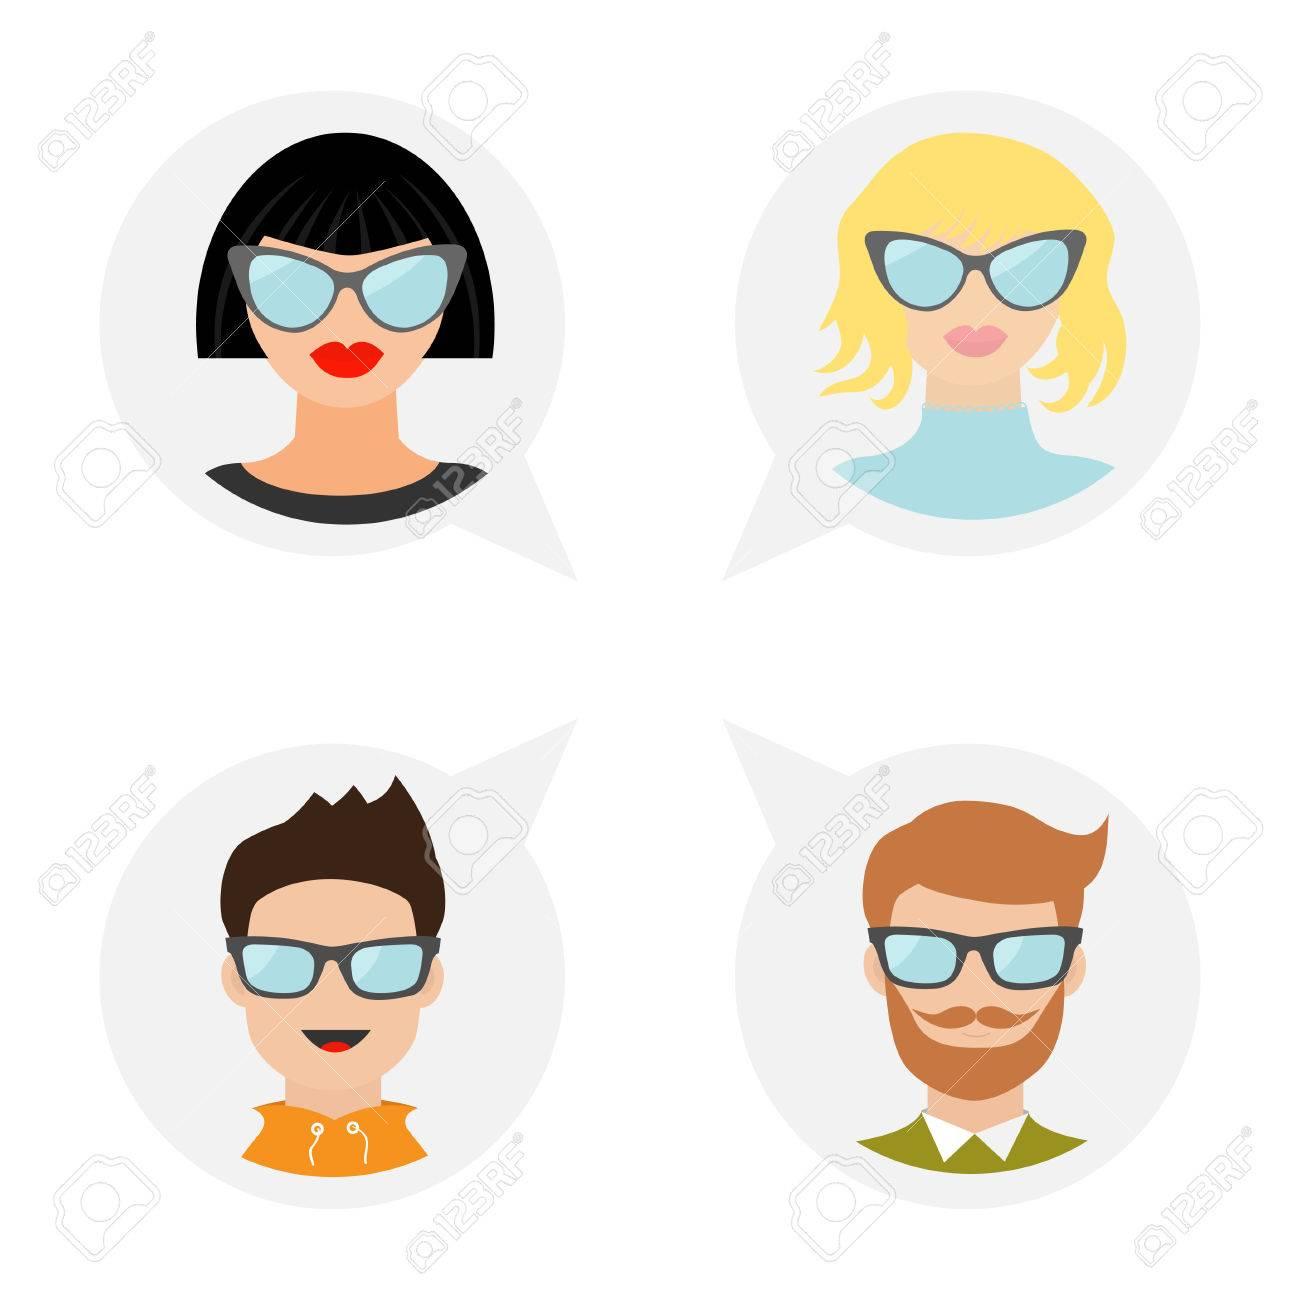 Avatar Menschen Icon Set Niedliche Cartoon Figur Diverse Gesicht